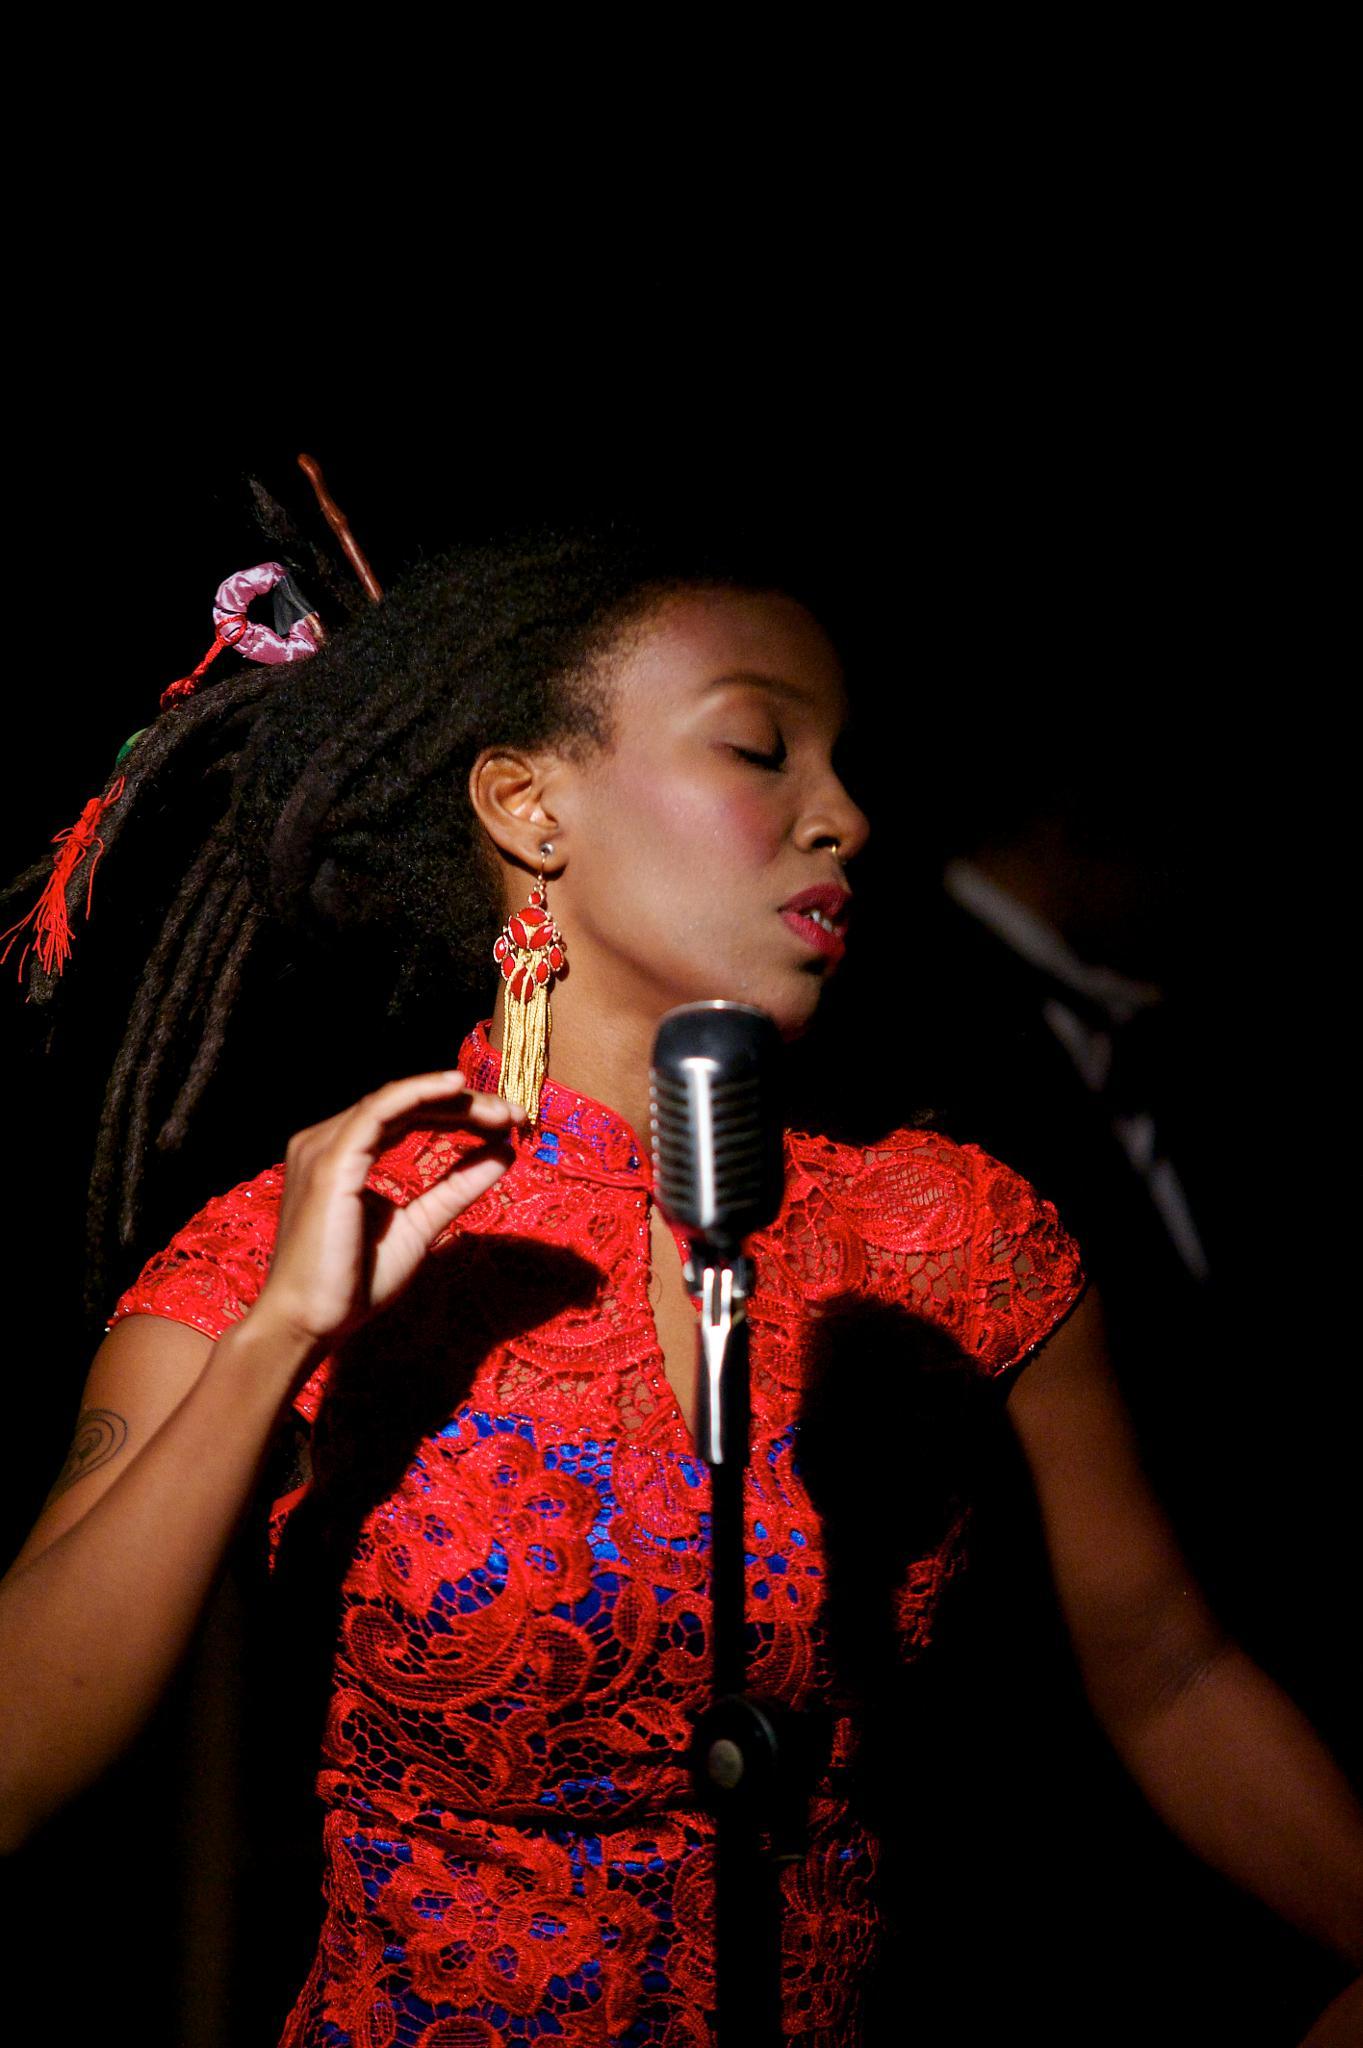 Jazz Singer by bobcoxphotography